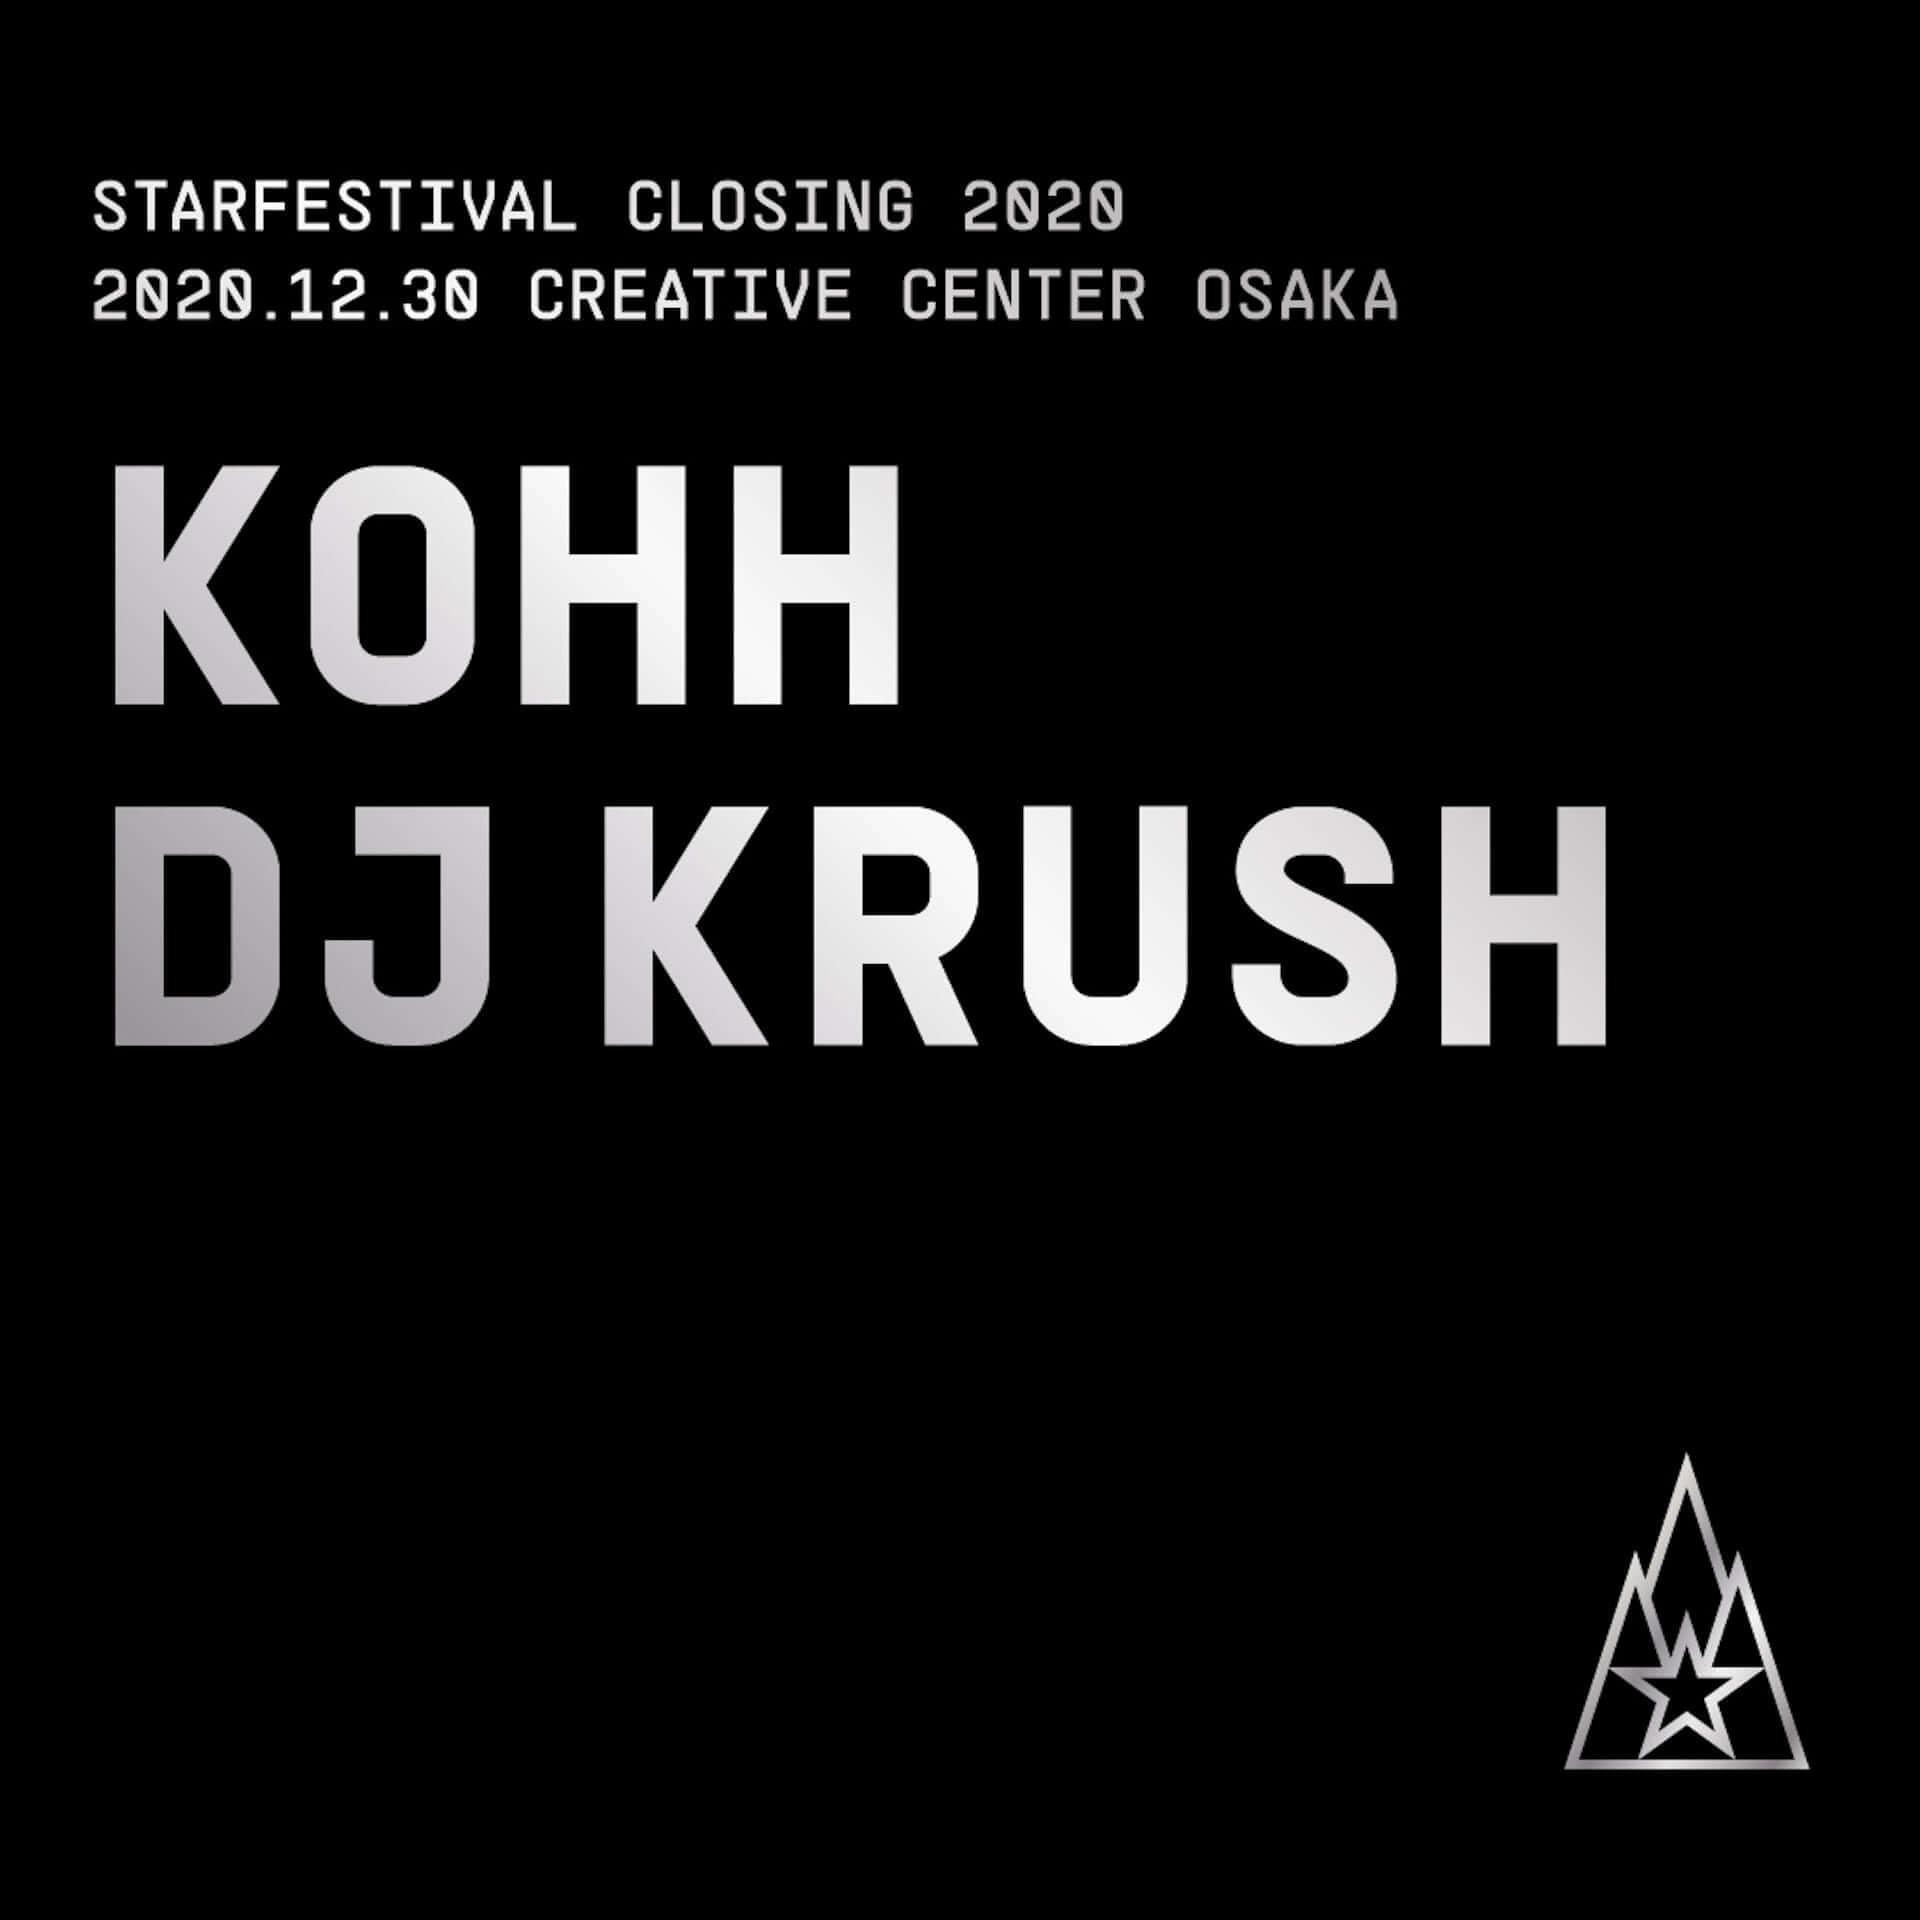 年末パーティー<STAR FESTIVAL CLOSING>が今年も開催決定!KOHH、DJ KRUSH、dj masda、AOKI takamasaらが登場 music201209_starfestival_3-1920x1920